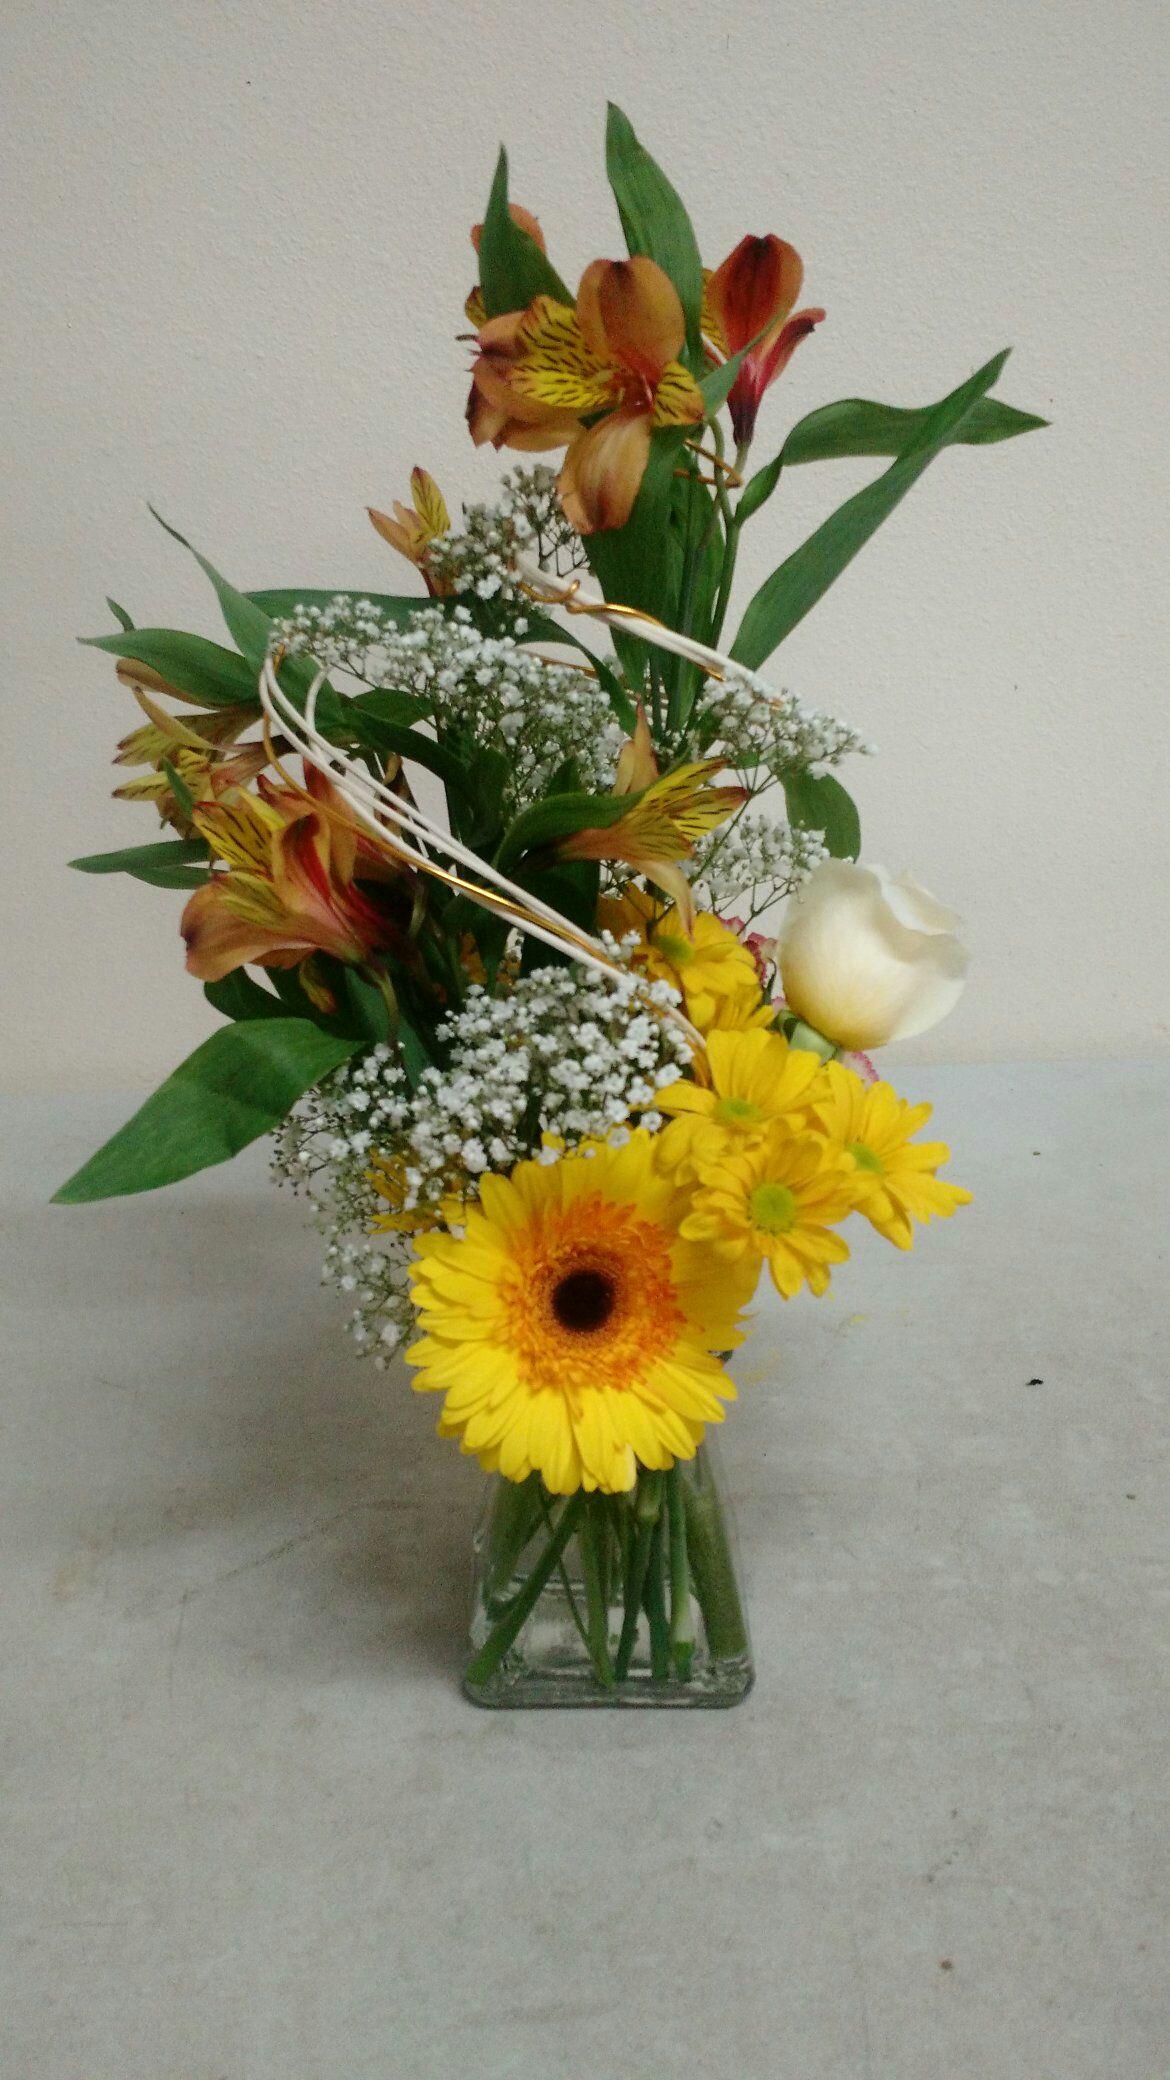 Yellow Gerbera arrangement